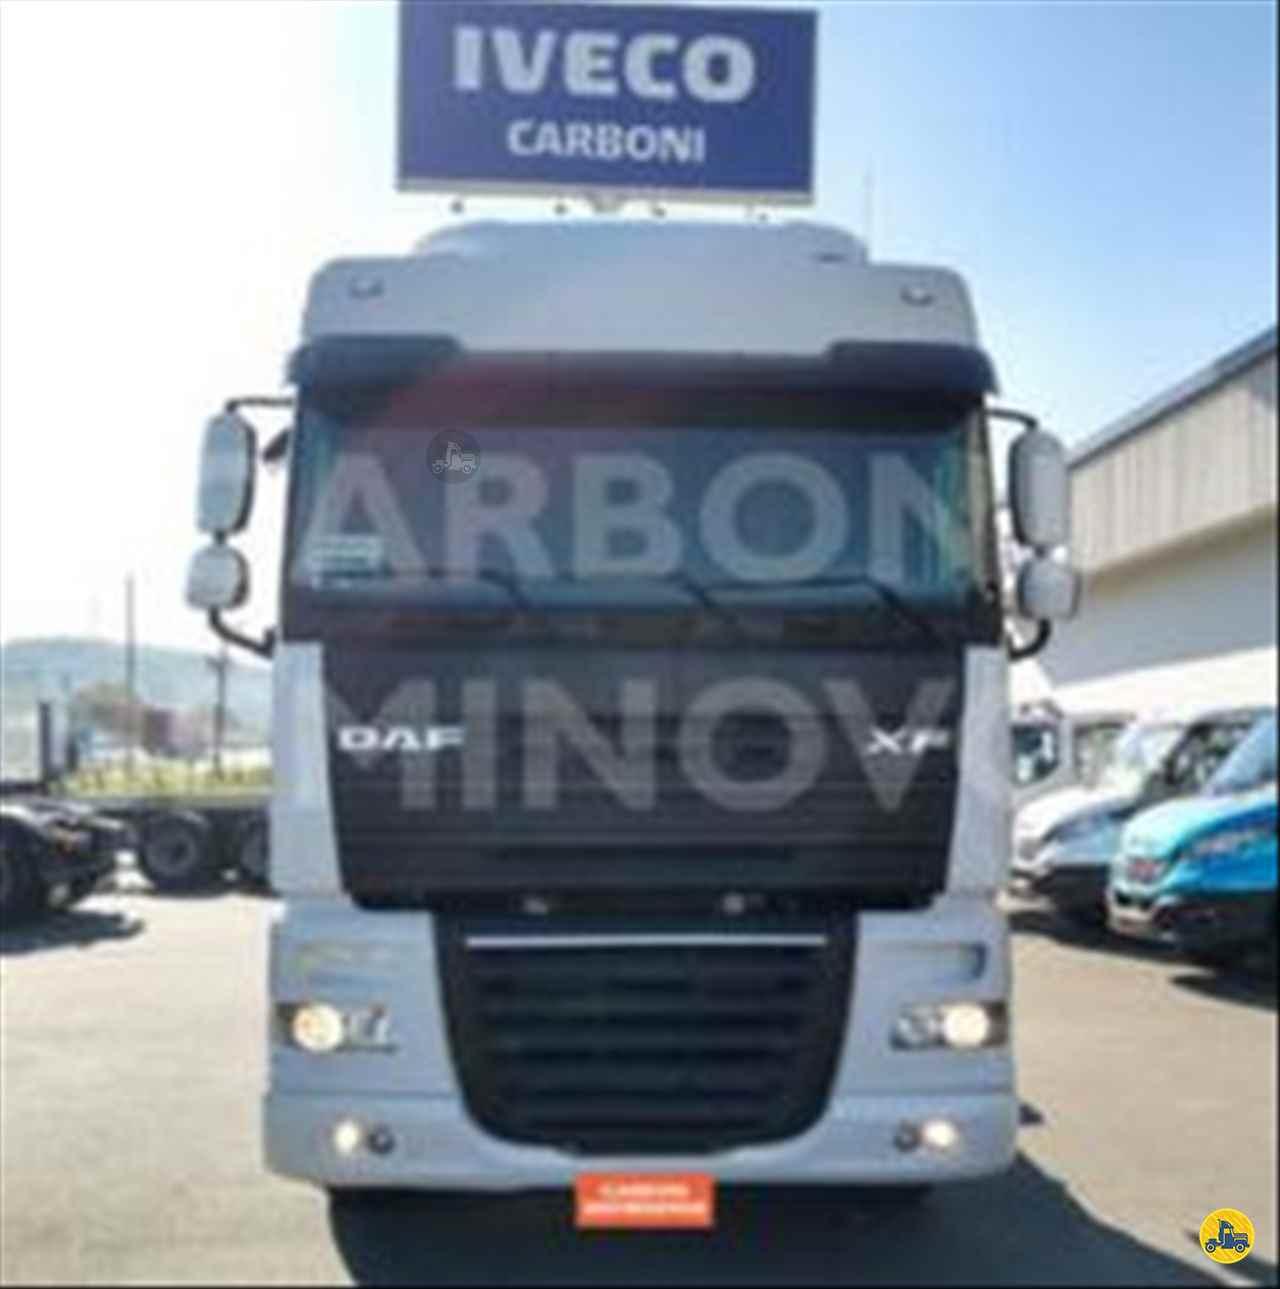 CAMINHAO DAF DAF XF105 410 Cavalo Mecânico Truck 6x2 Carboni Iveco VIDEIRA SANTA CATARINA SC